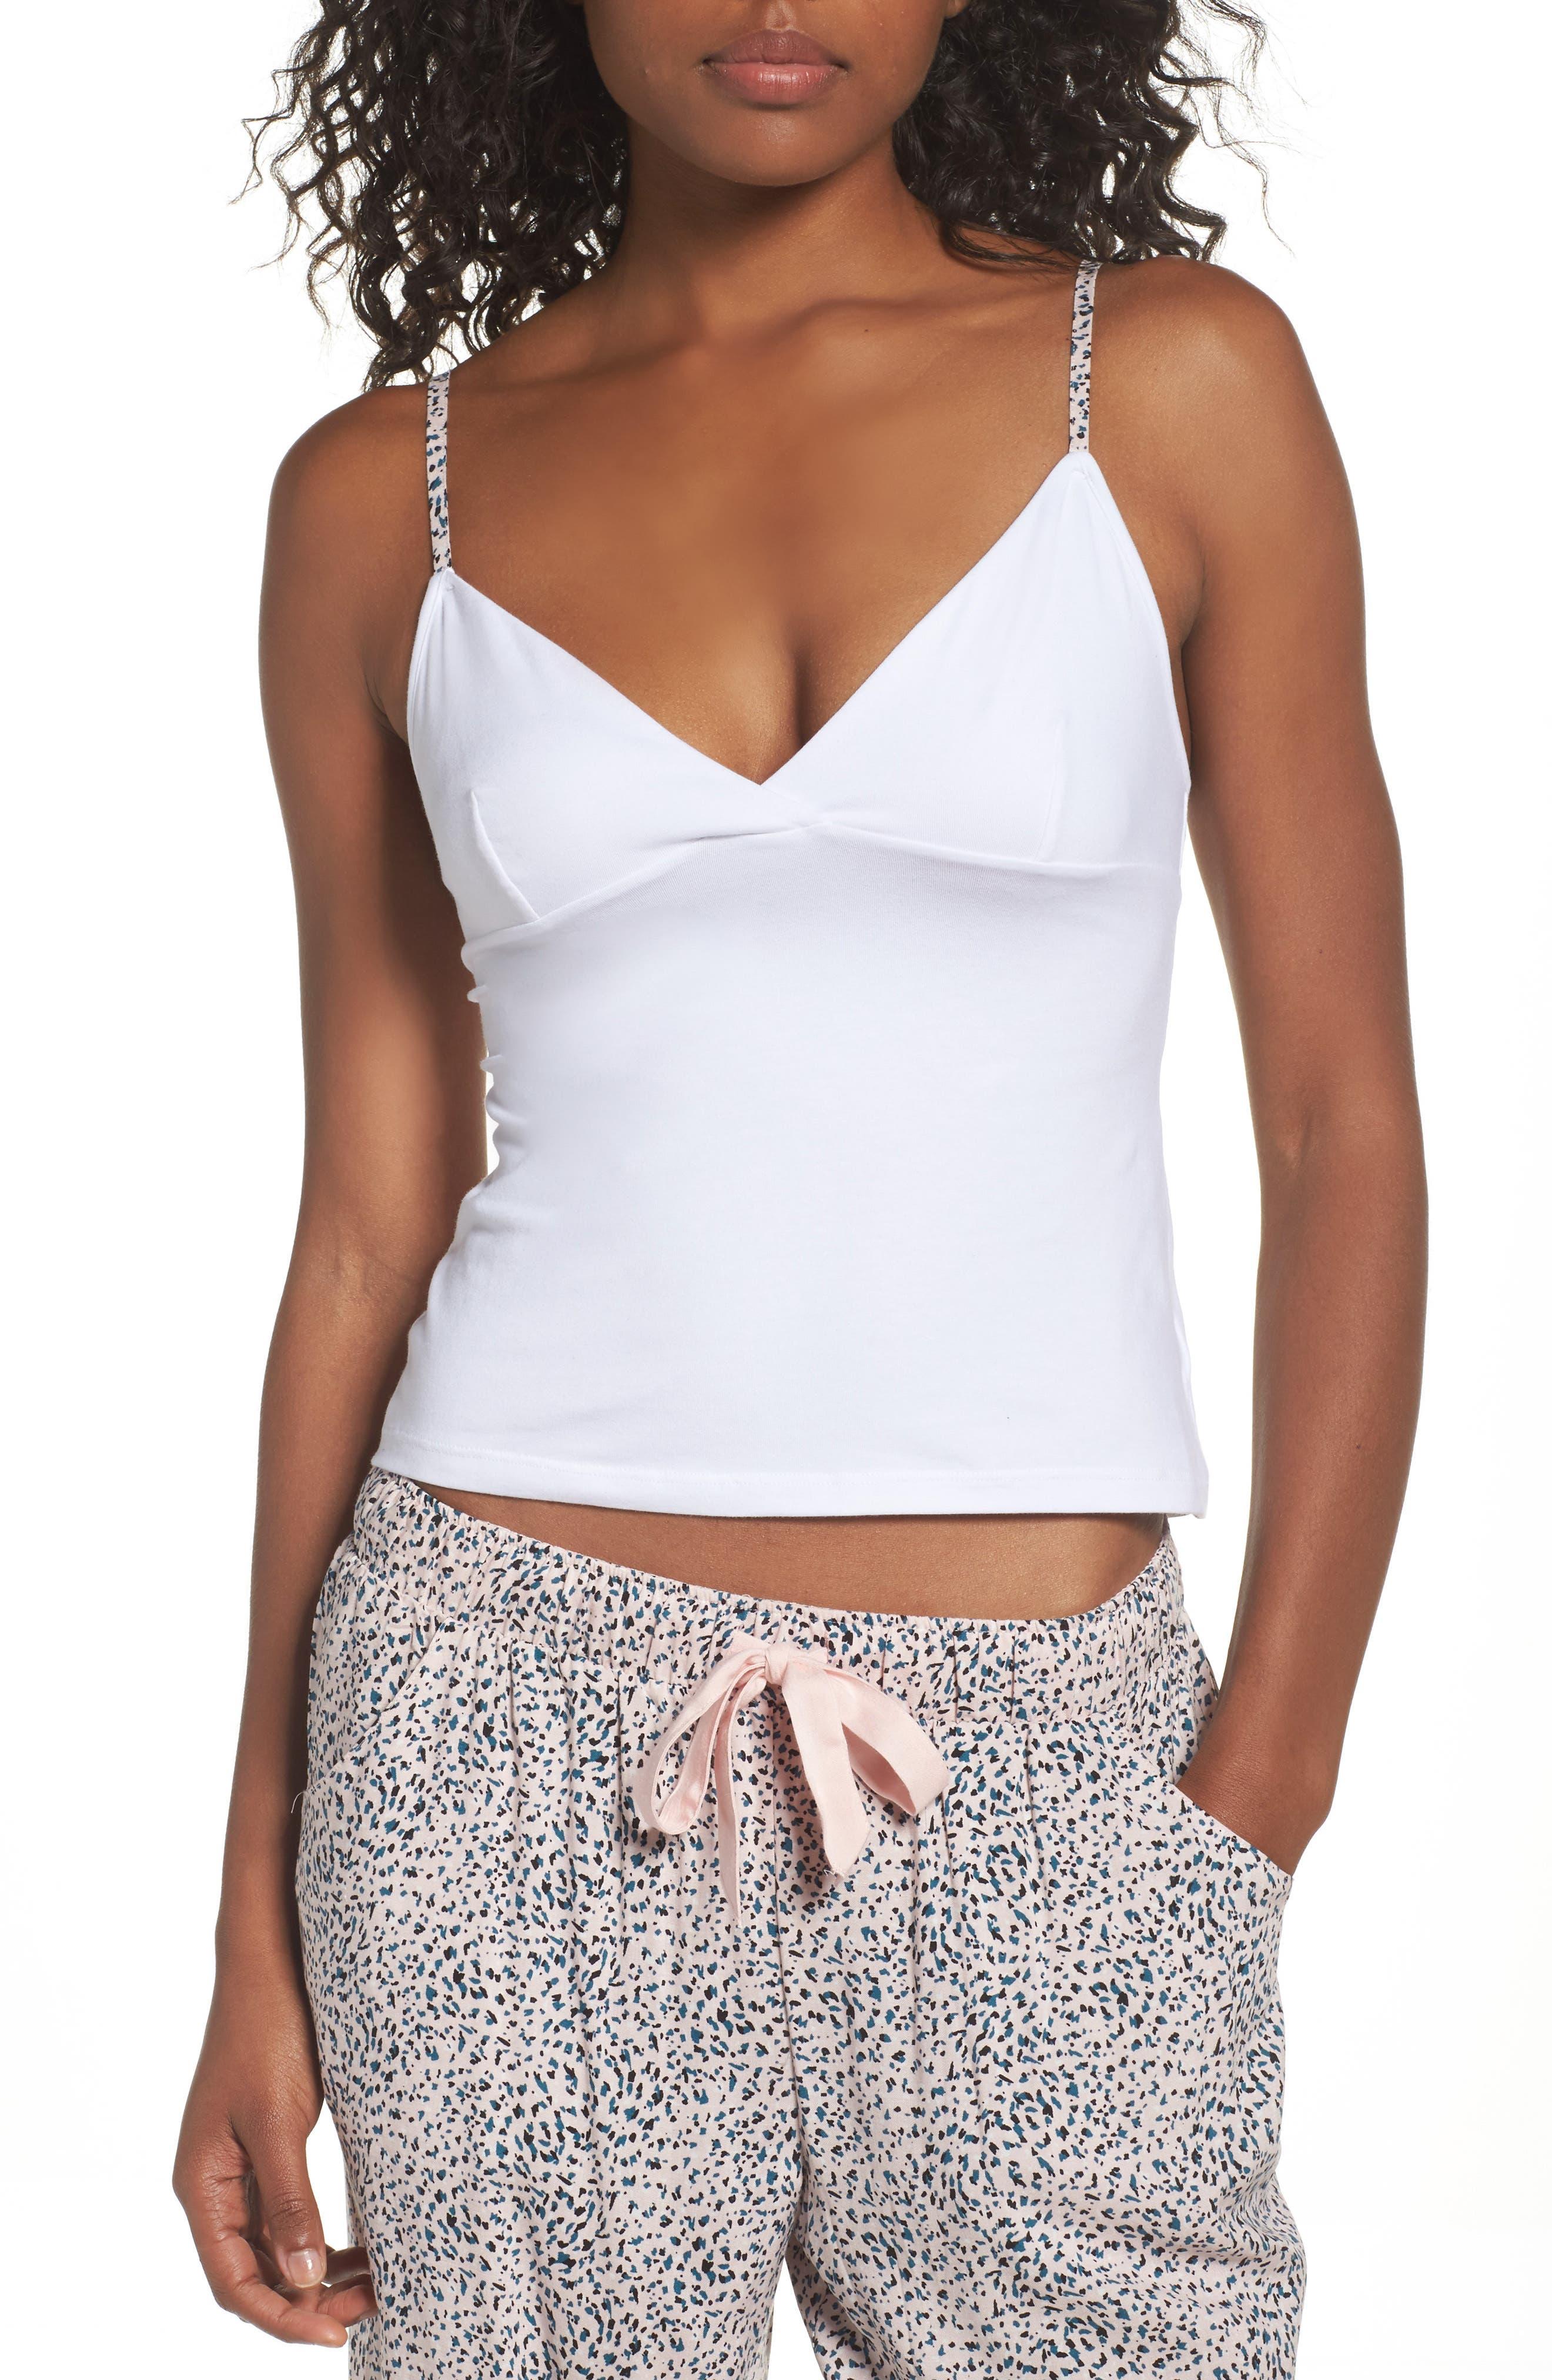 TOPSHOP Leopard Strap Sleep Camisole